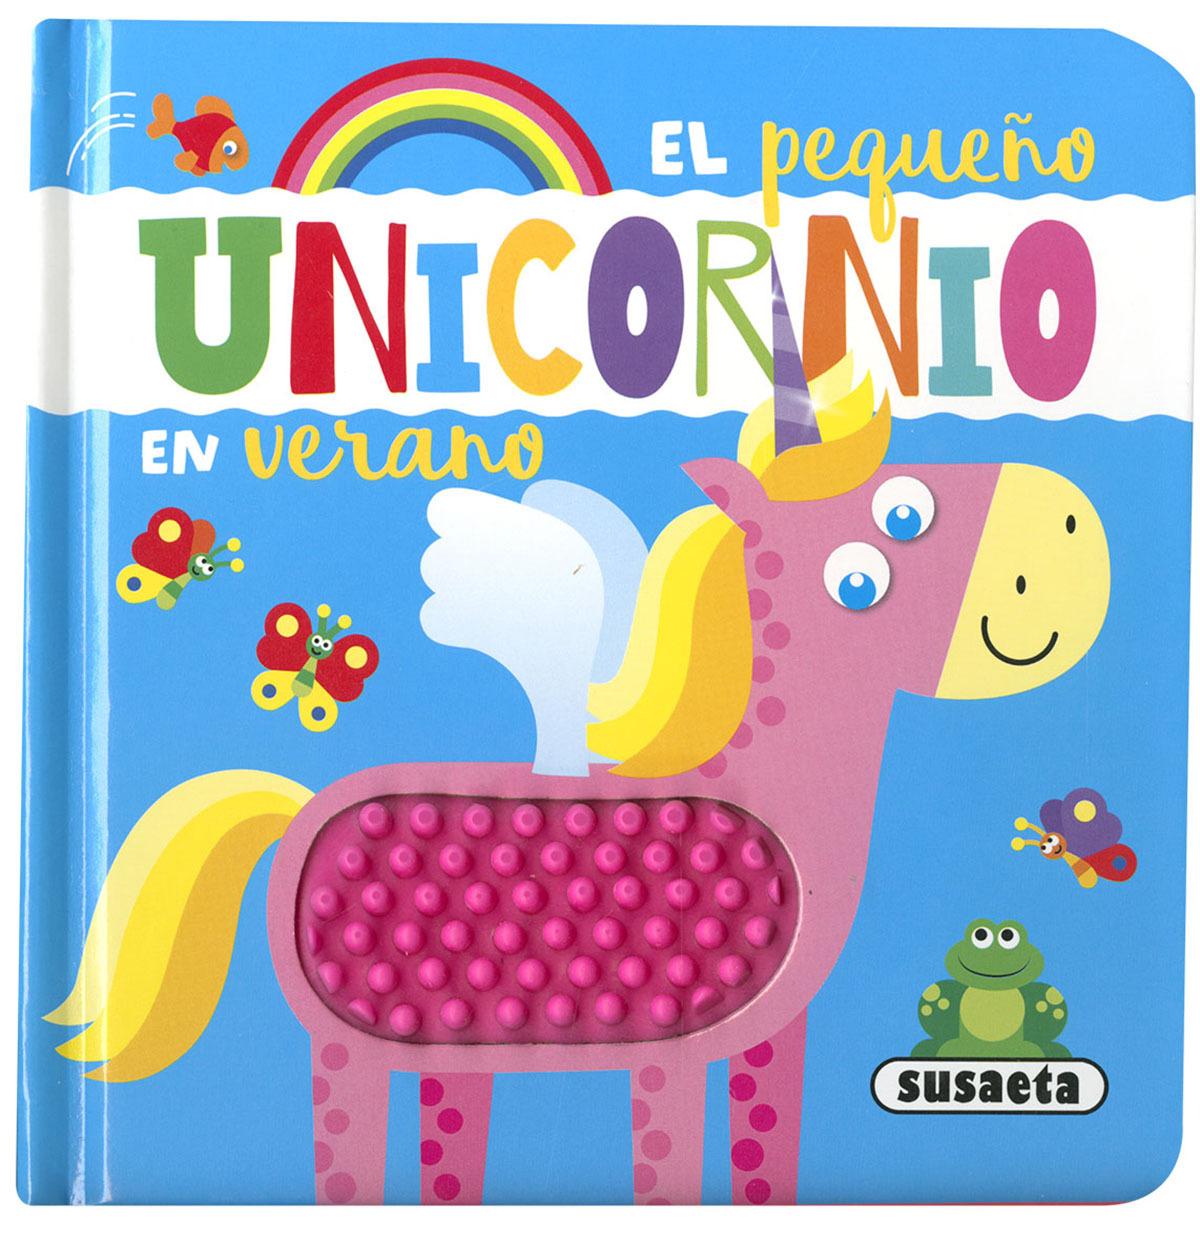 El pequeño unicornio en verano